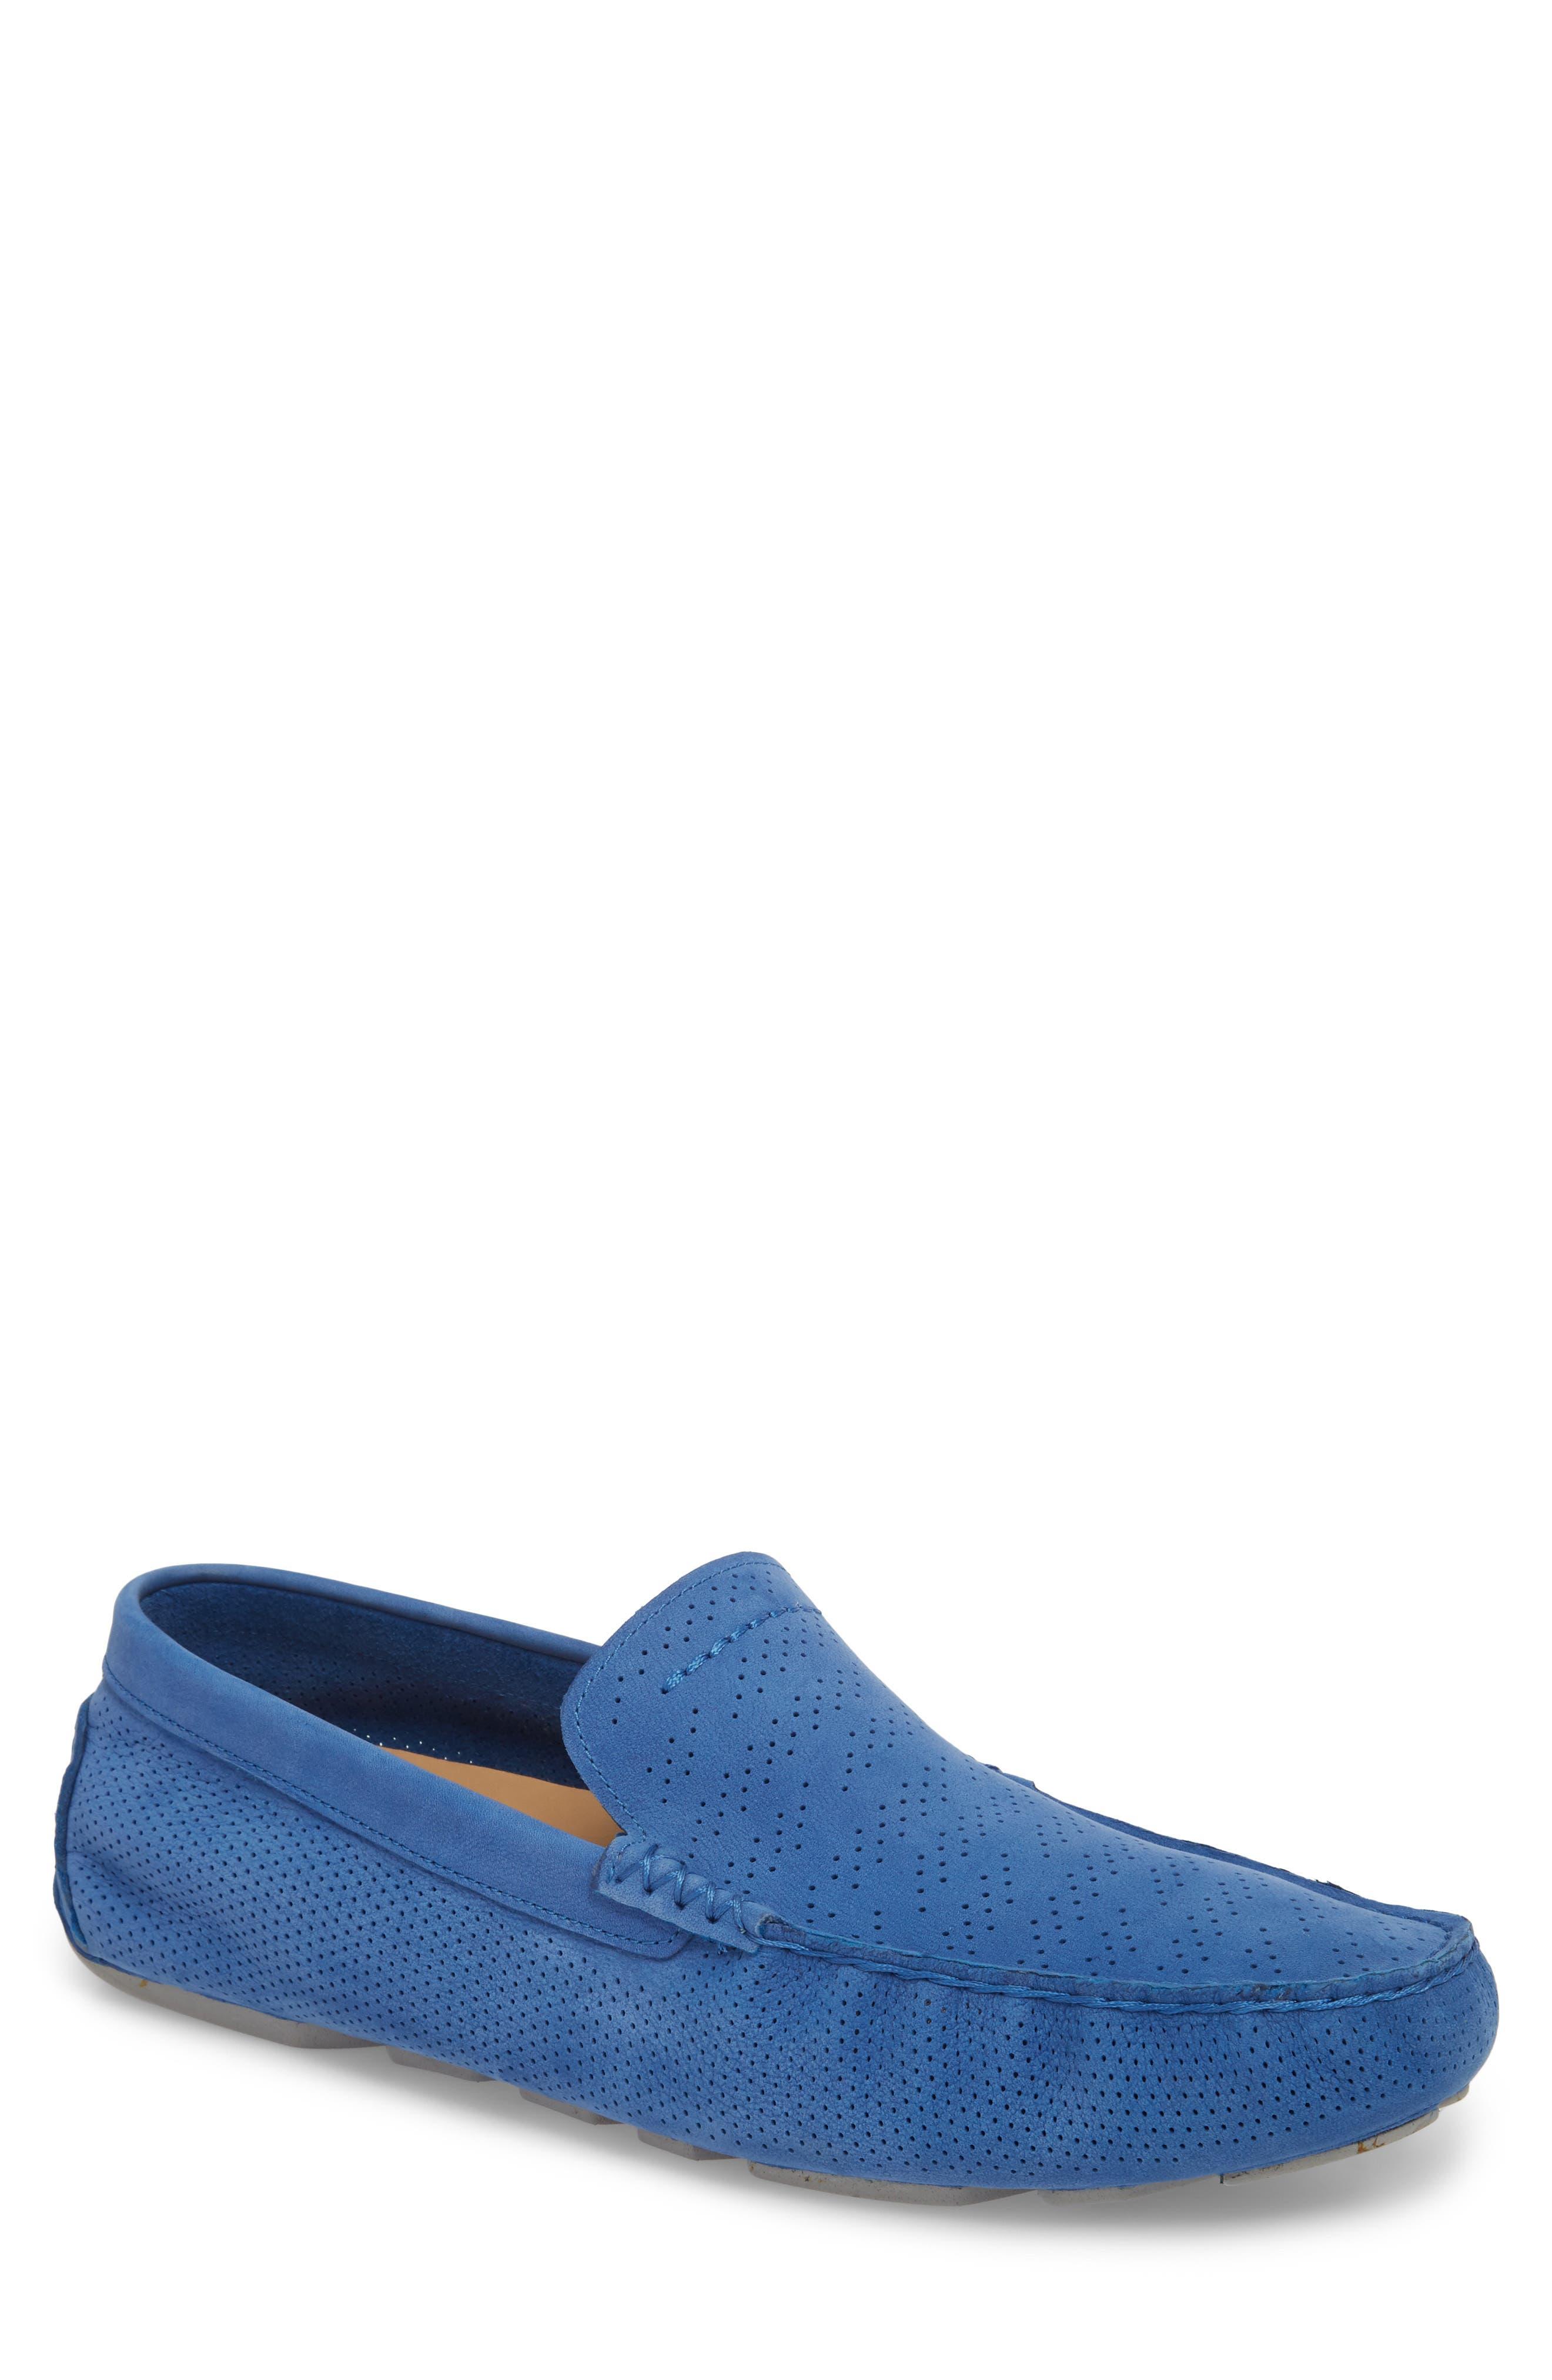 Main Image - UGG® Henrick Twinsole® Driving Shoe (Men)